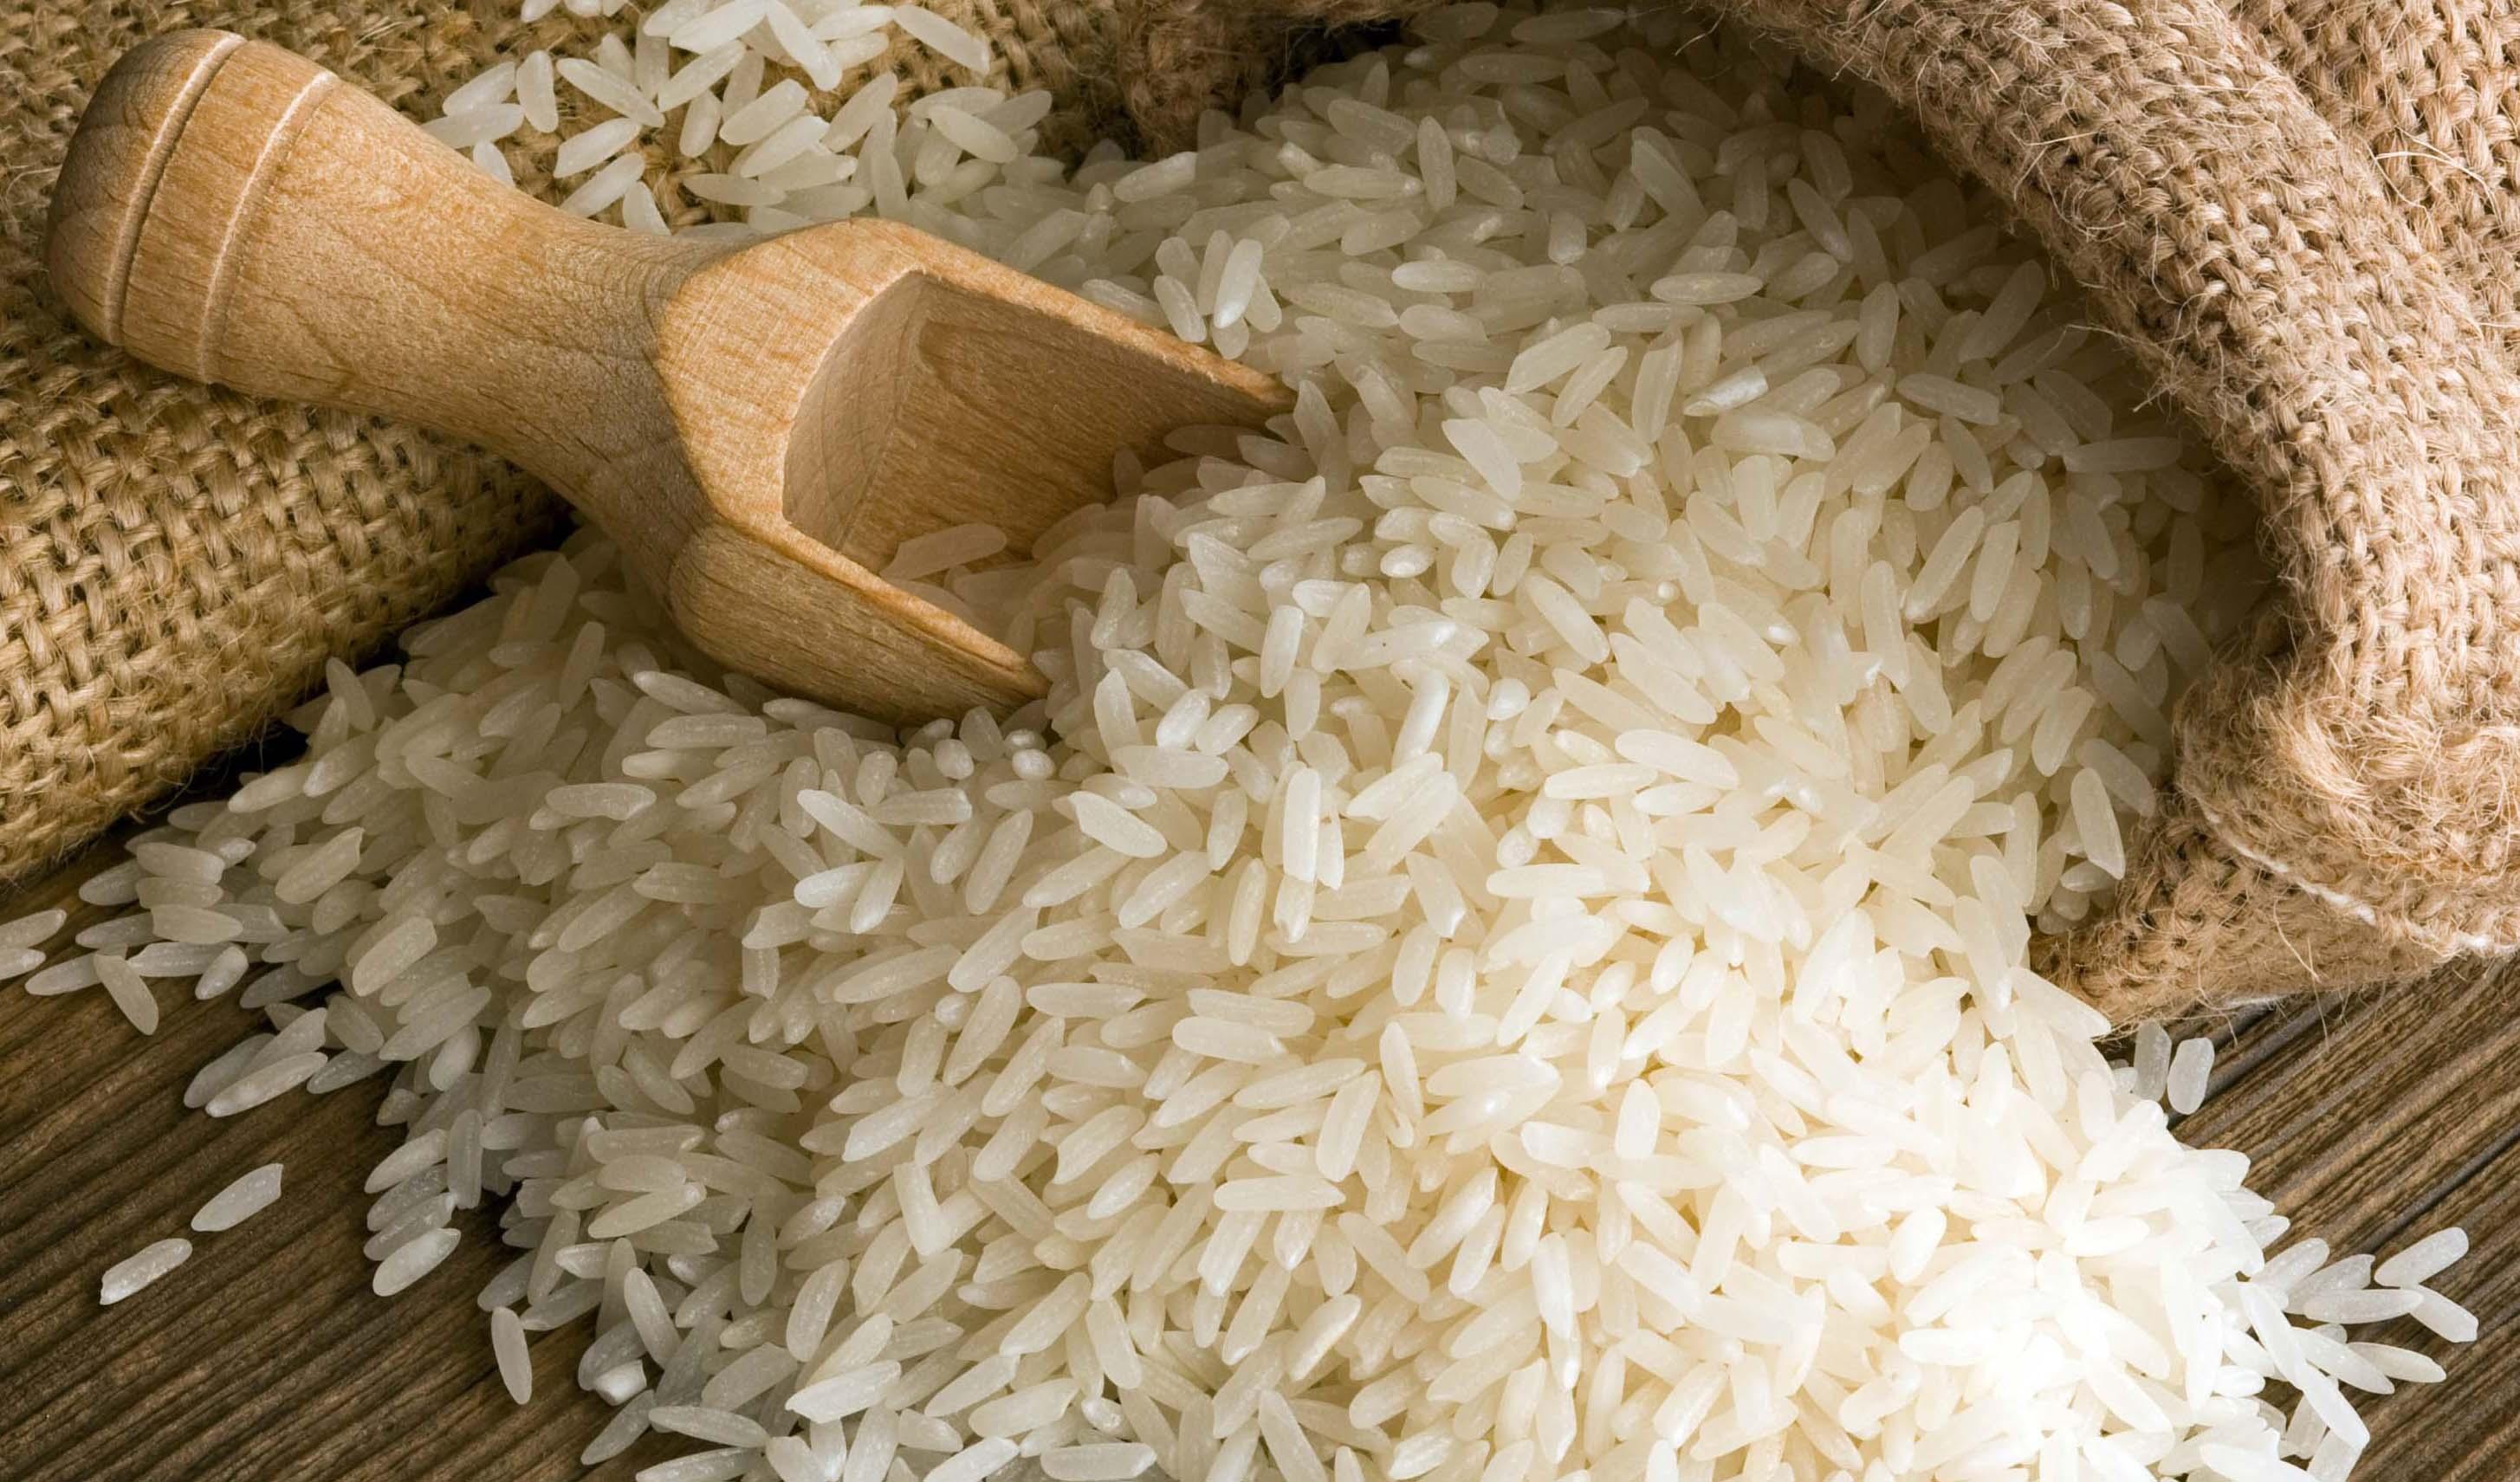 پیشنهاد واردات برنج پرمحصول / نرخ برنج هندی بالای ۲۰ هزار تومان است